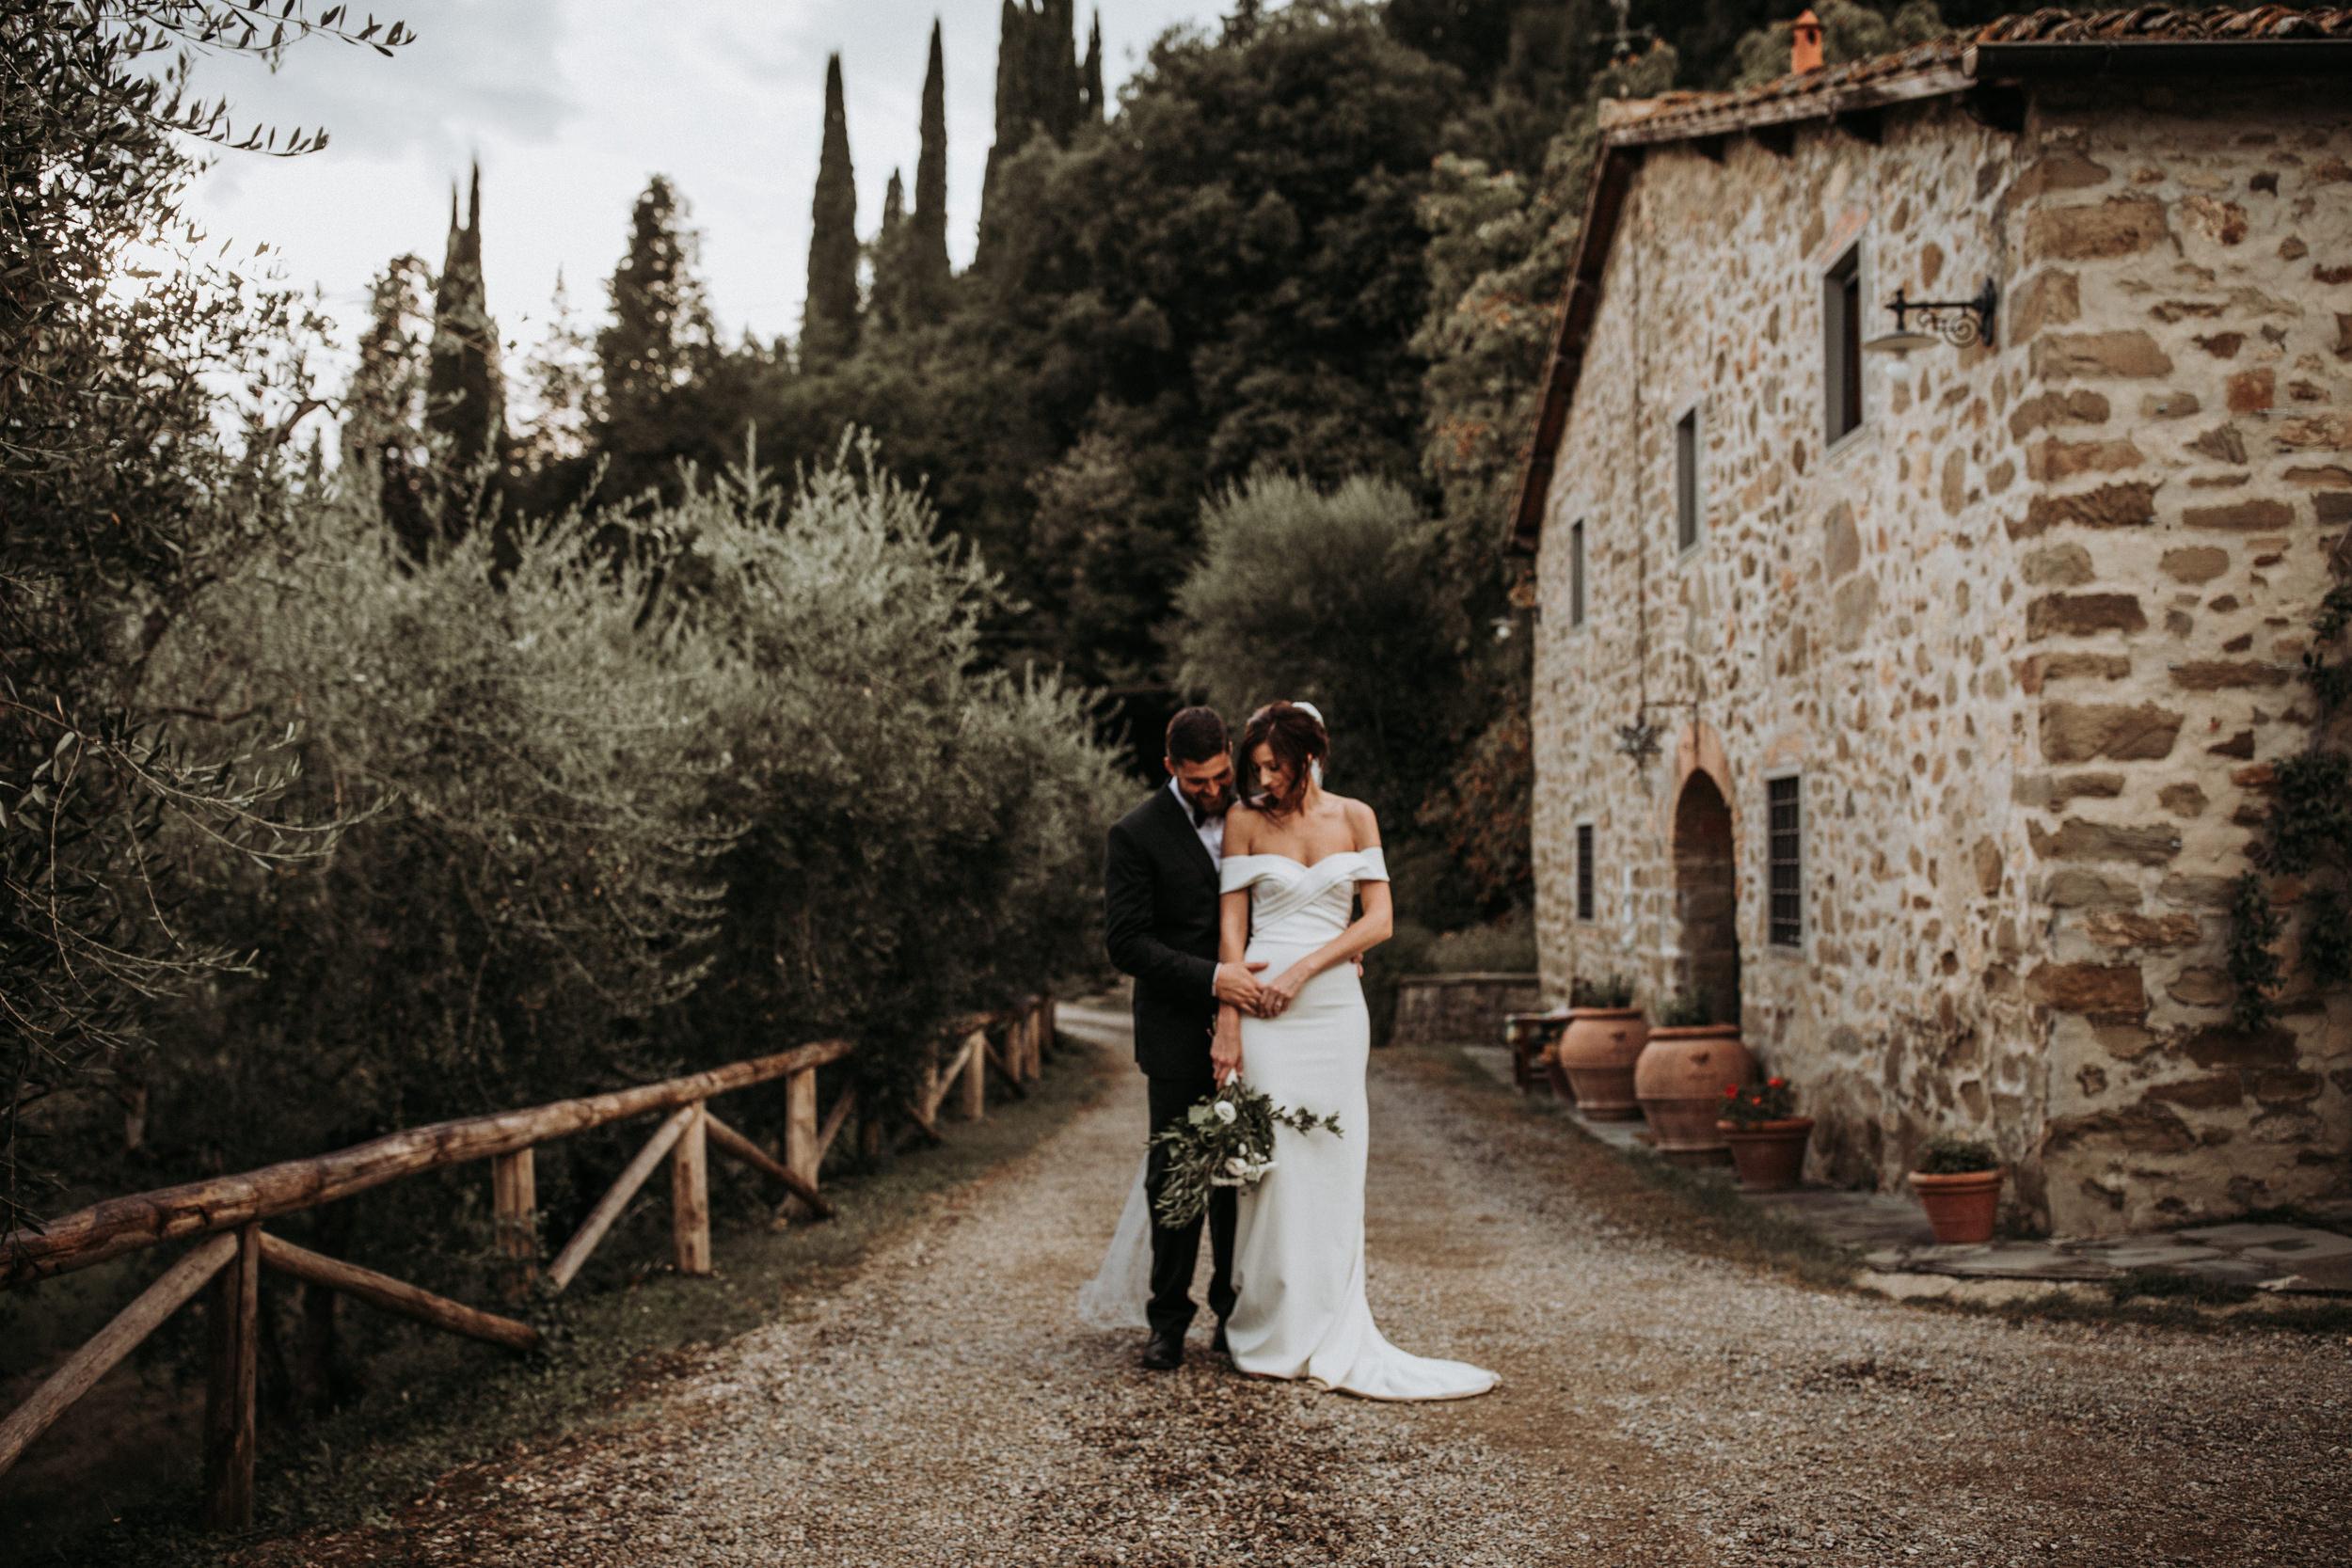 dm_photography_KW_Tuscanyweddingday_315